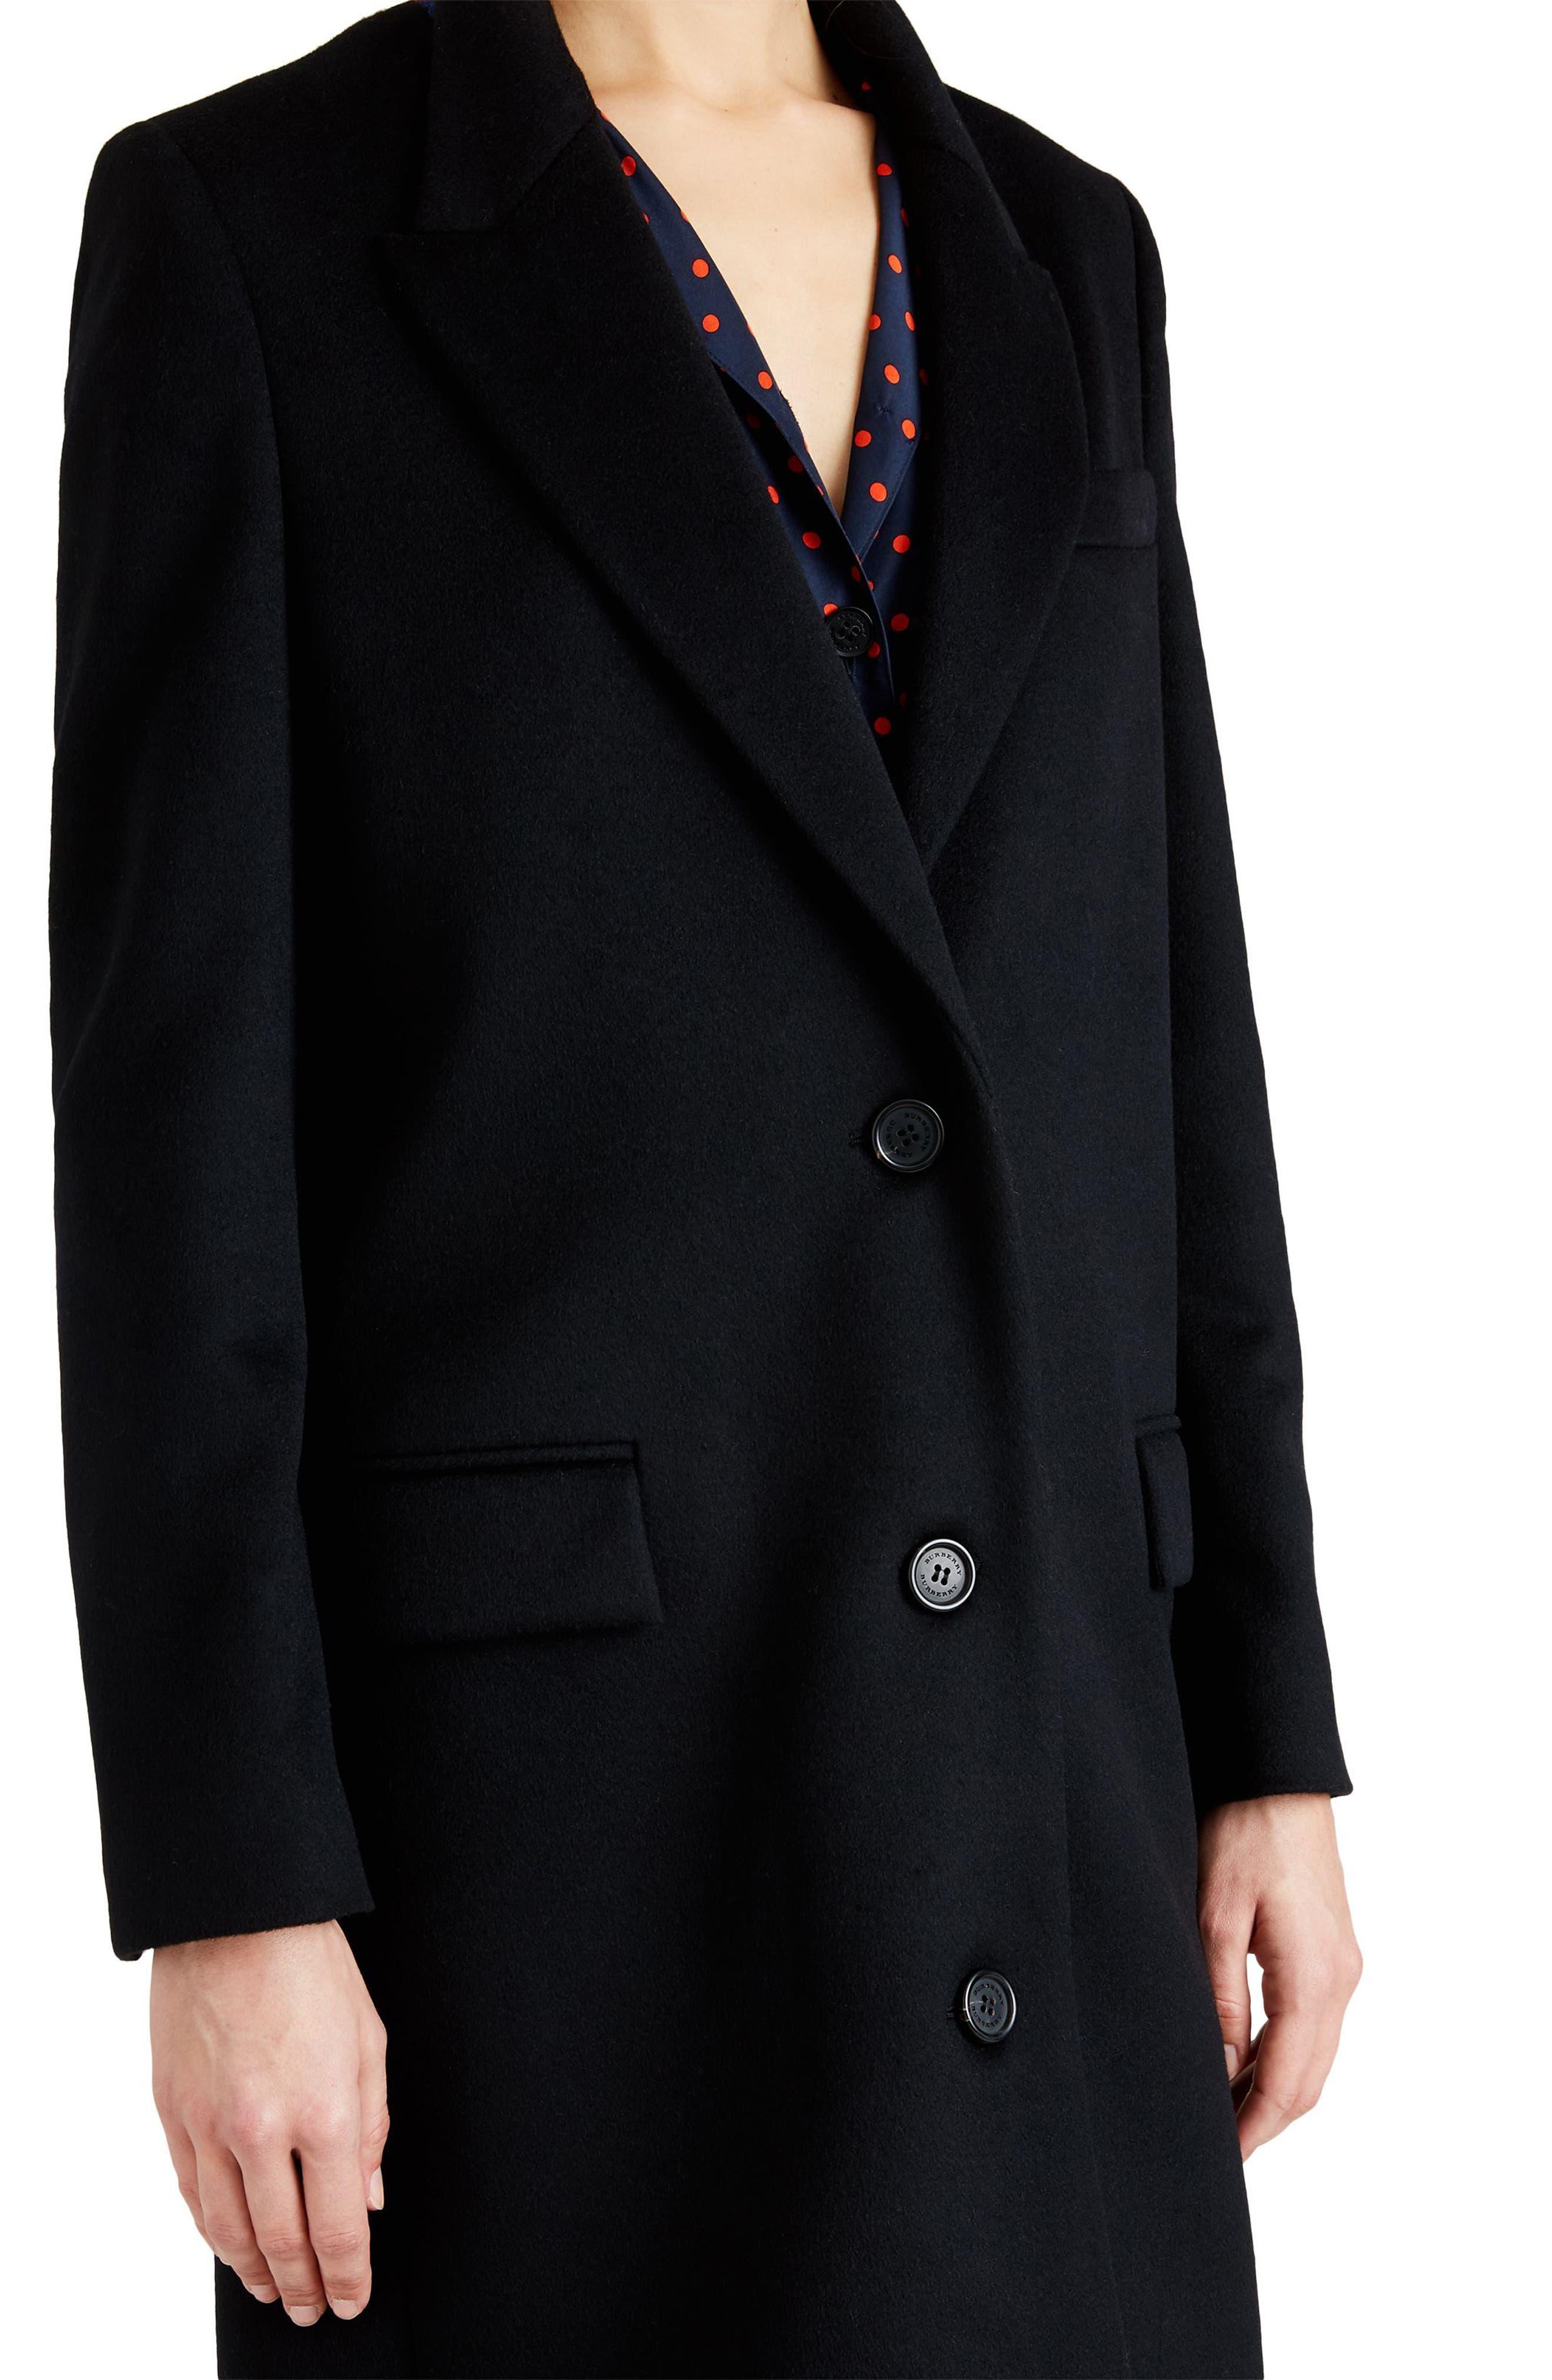 Fellhurst Wool & Cashmere Coat,                             Alternate thumbnail 4, color,                             001